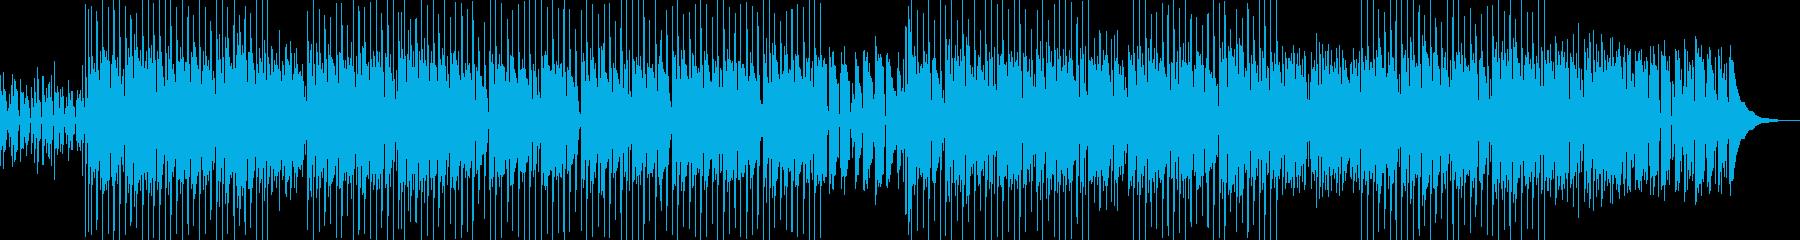 陽気、可愛らしいウクレレポップスの再生済みの波形